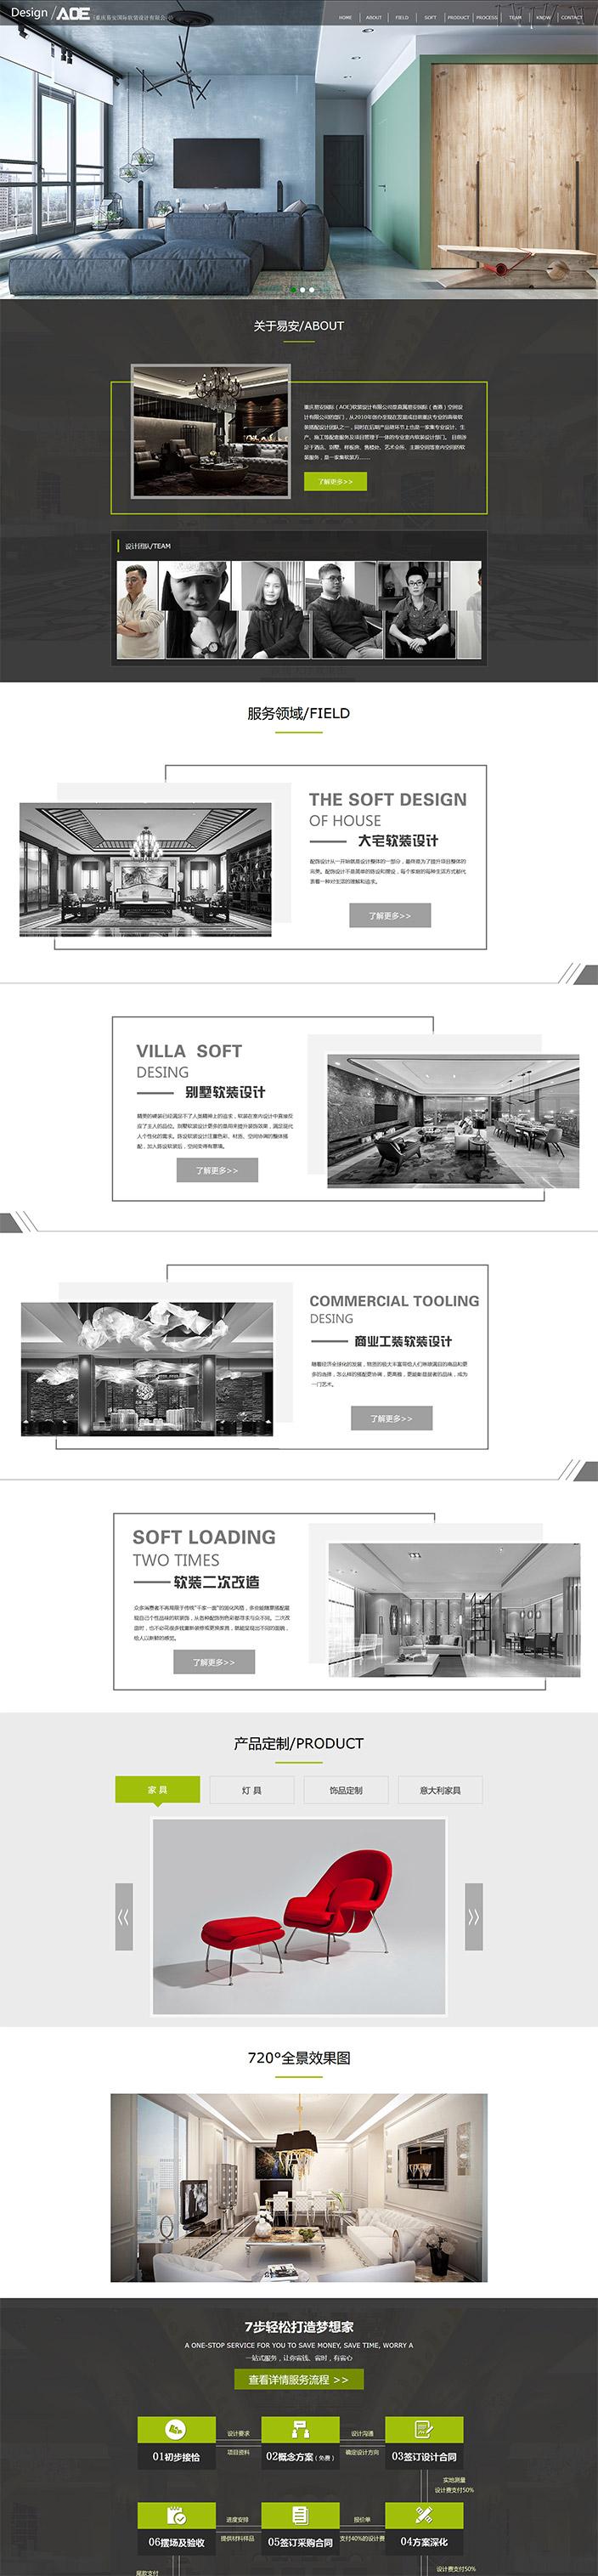 重庆易安国际(AOE)软装设